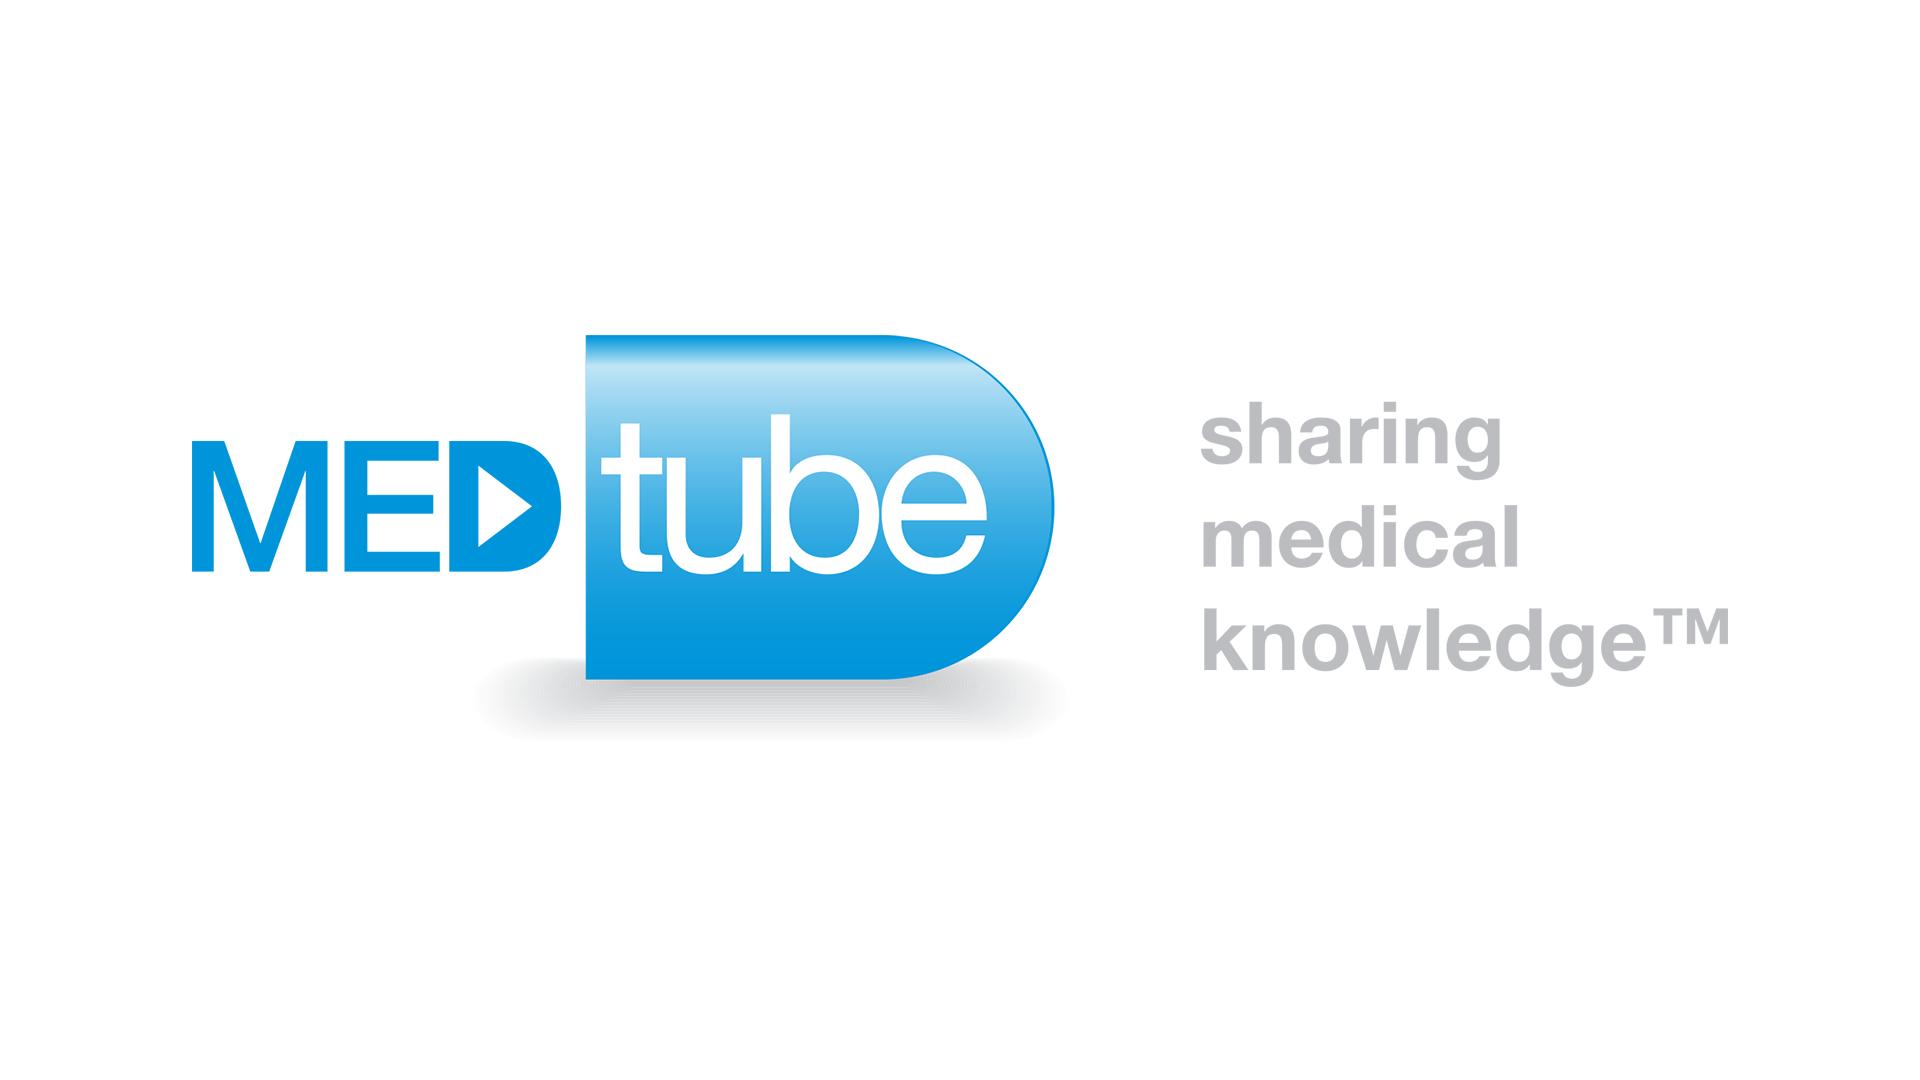 medtube-logo-HD